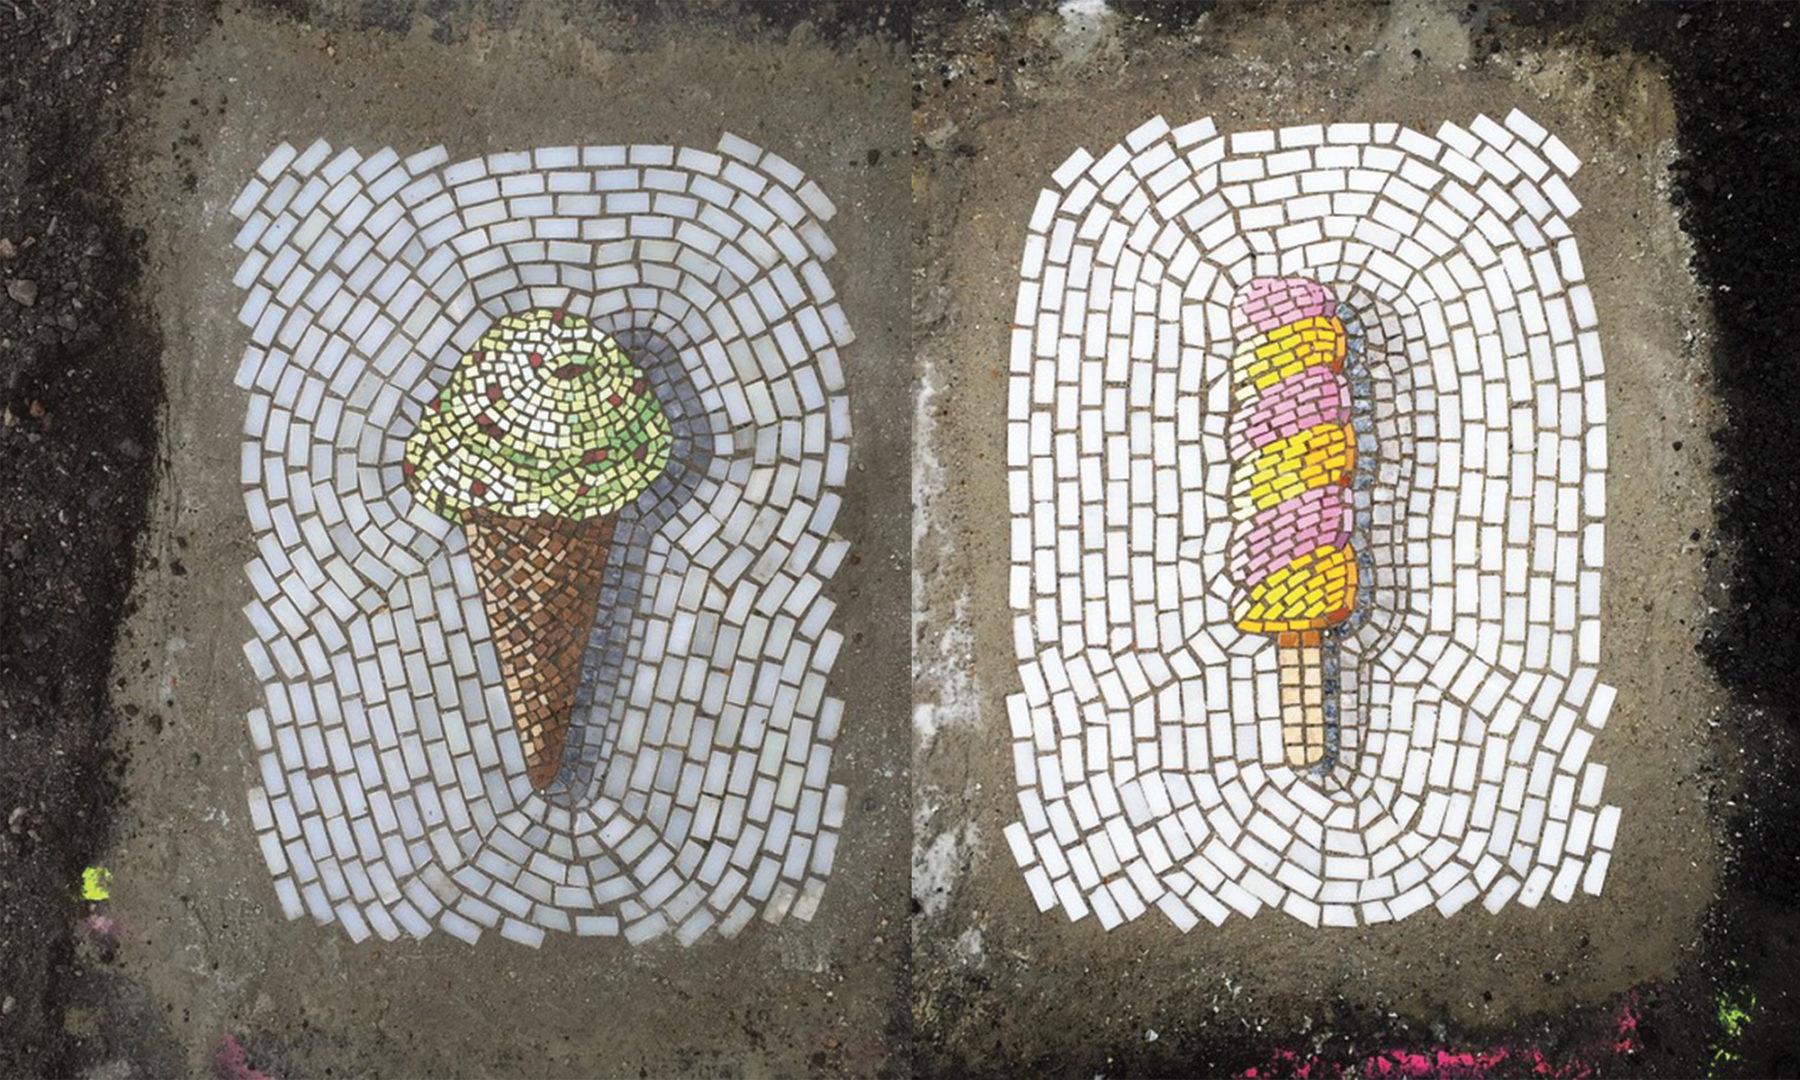 Street Art : des mosaïques gourmandes remplacent des nids de poule